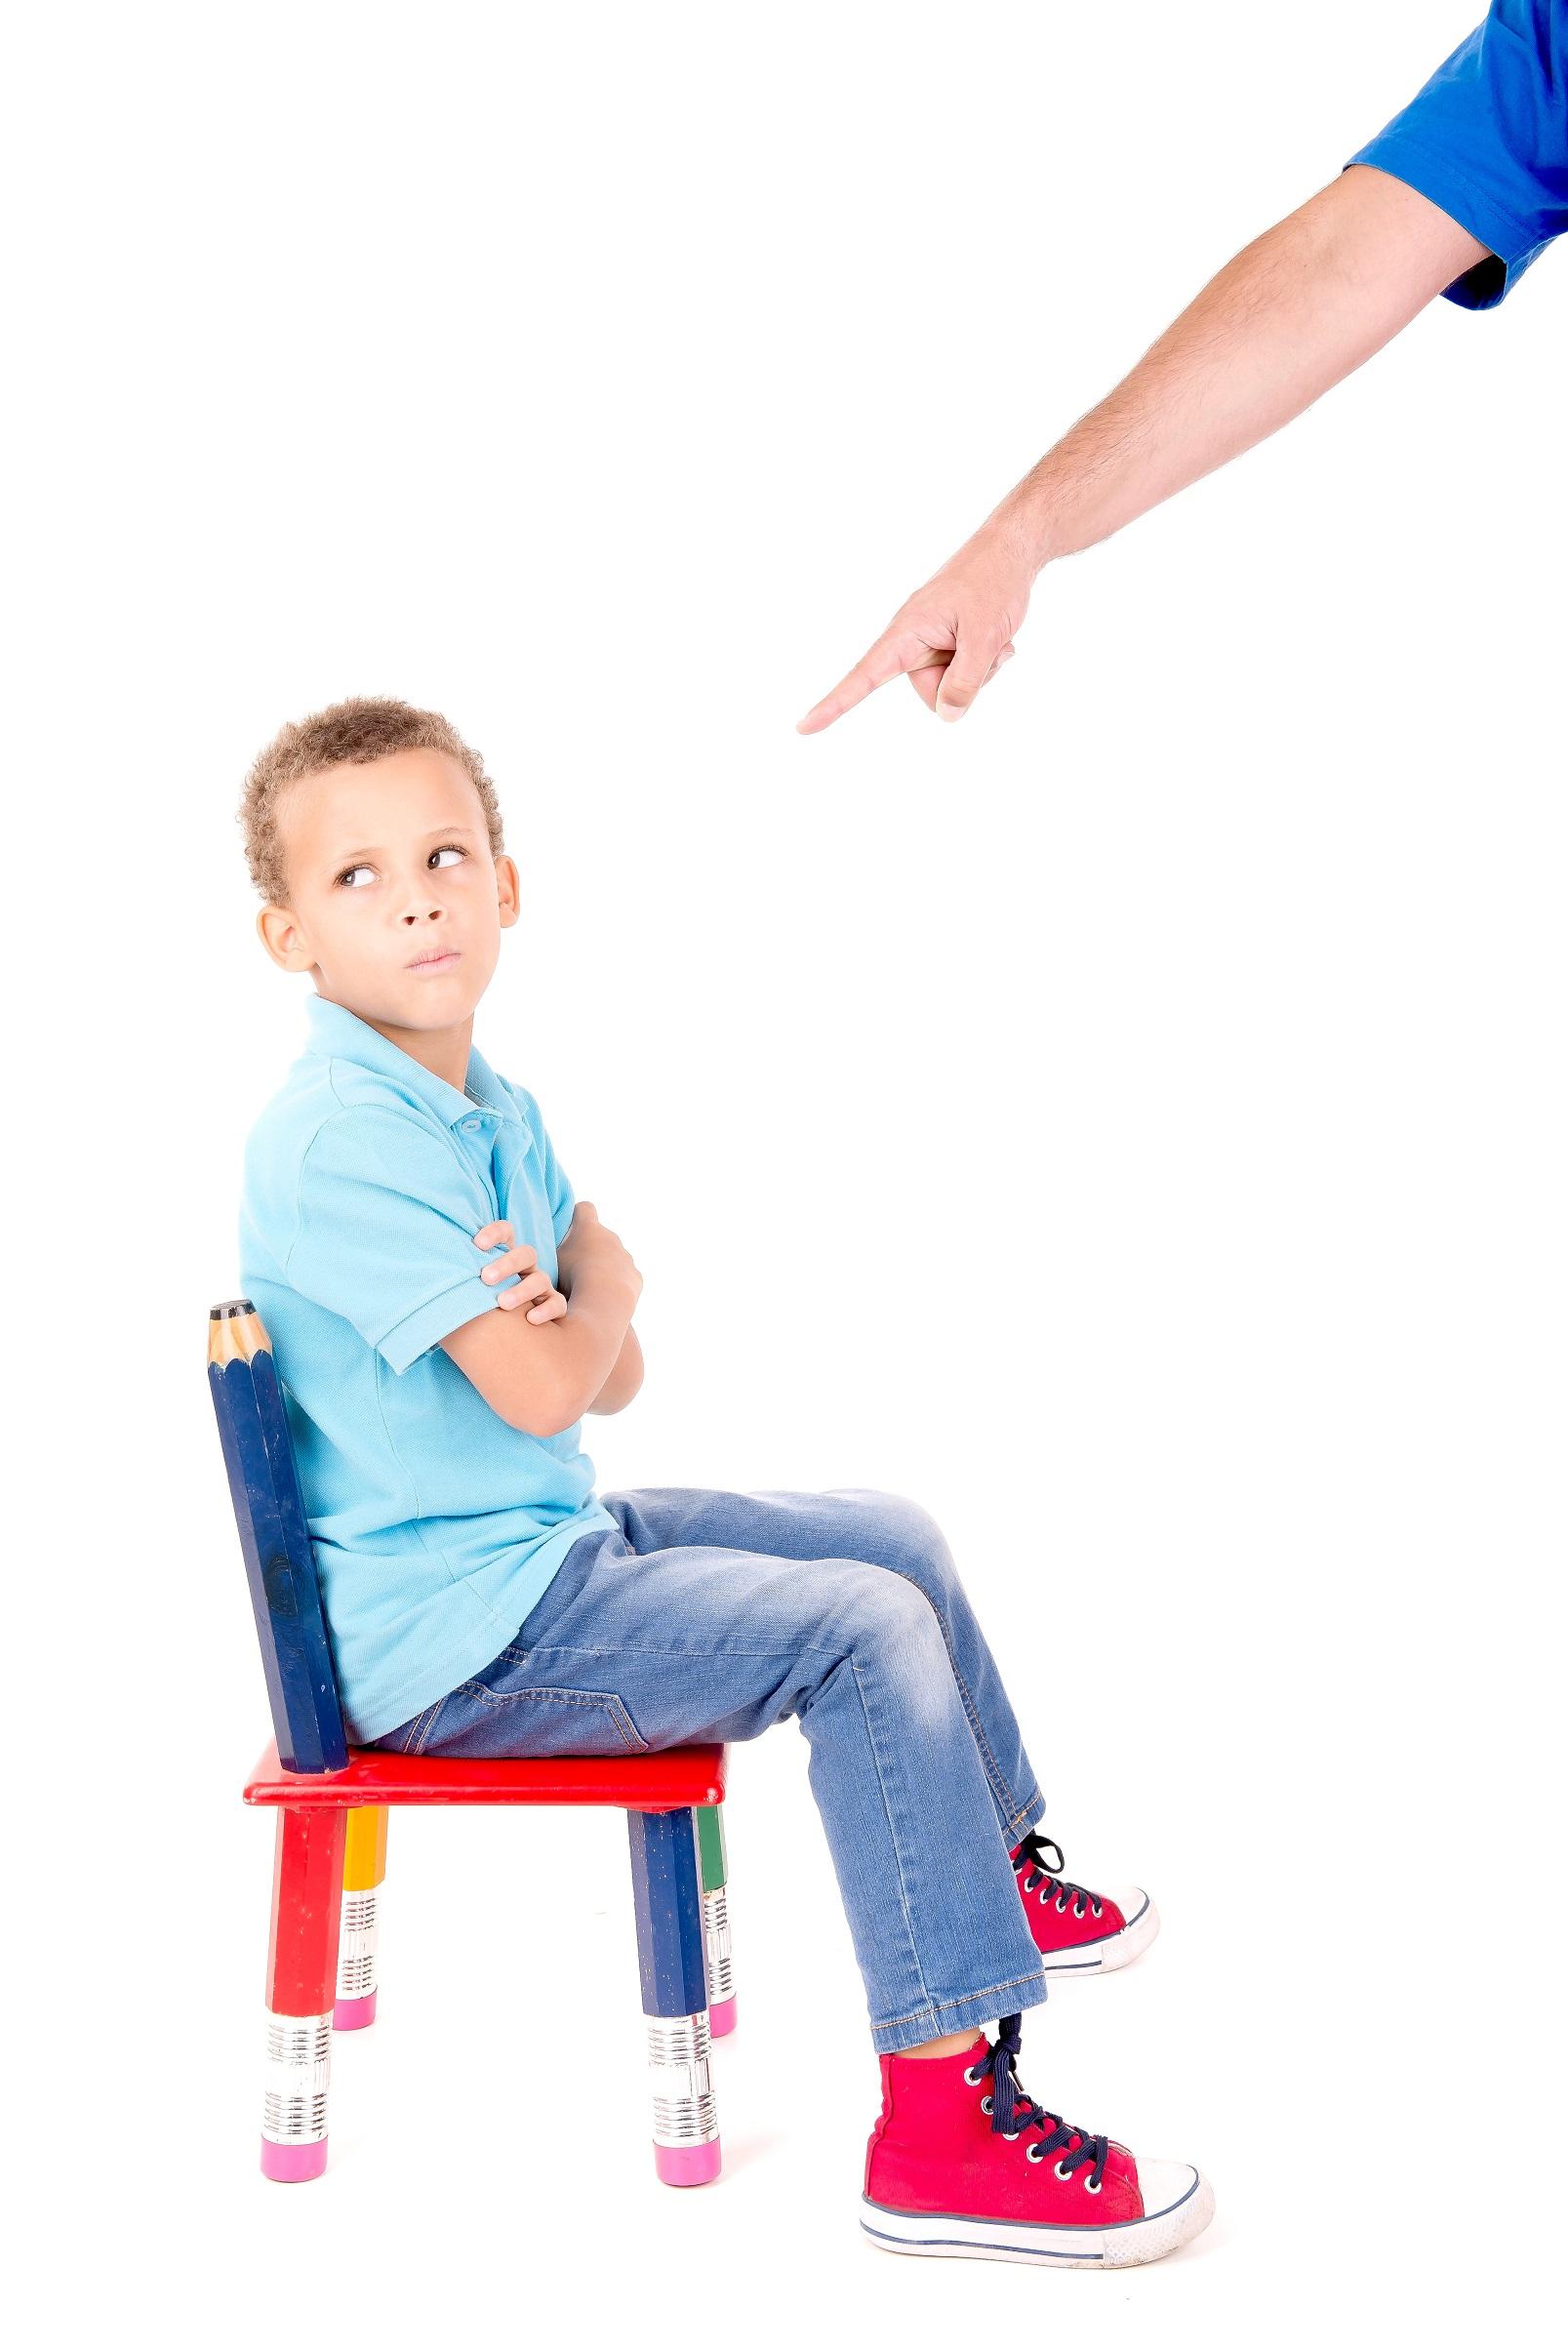 Κι αν το παιδί μου ασκεί εκφοβισμό;